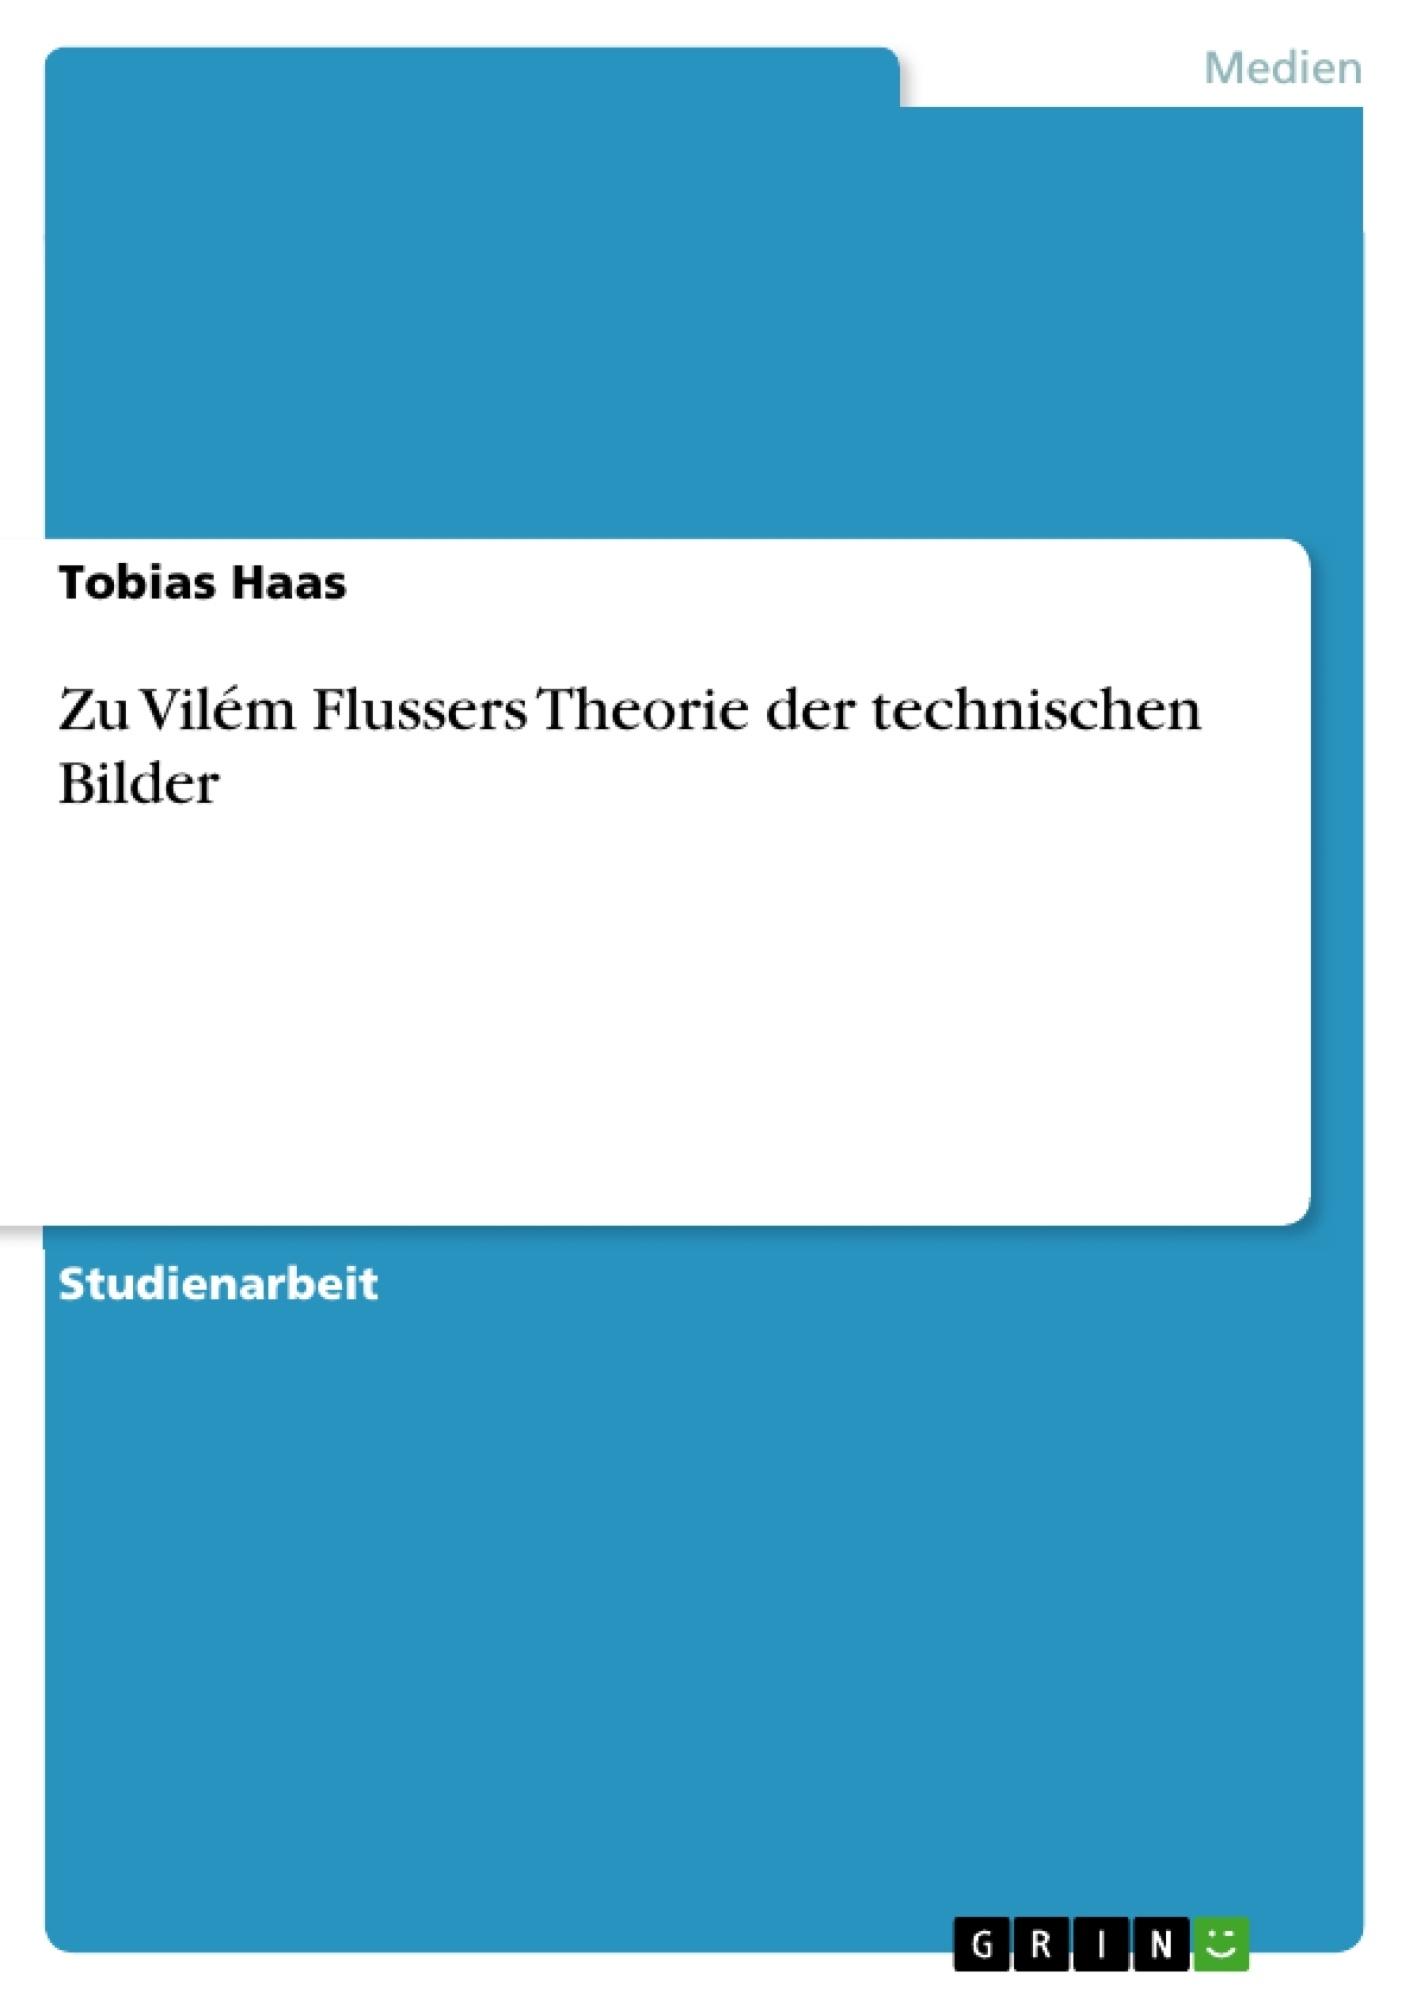 Titel: Zu Vilém Flussers Theorie der technischen Bilder